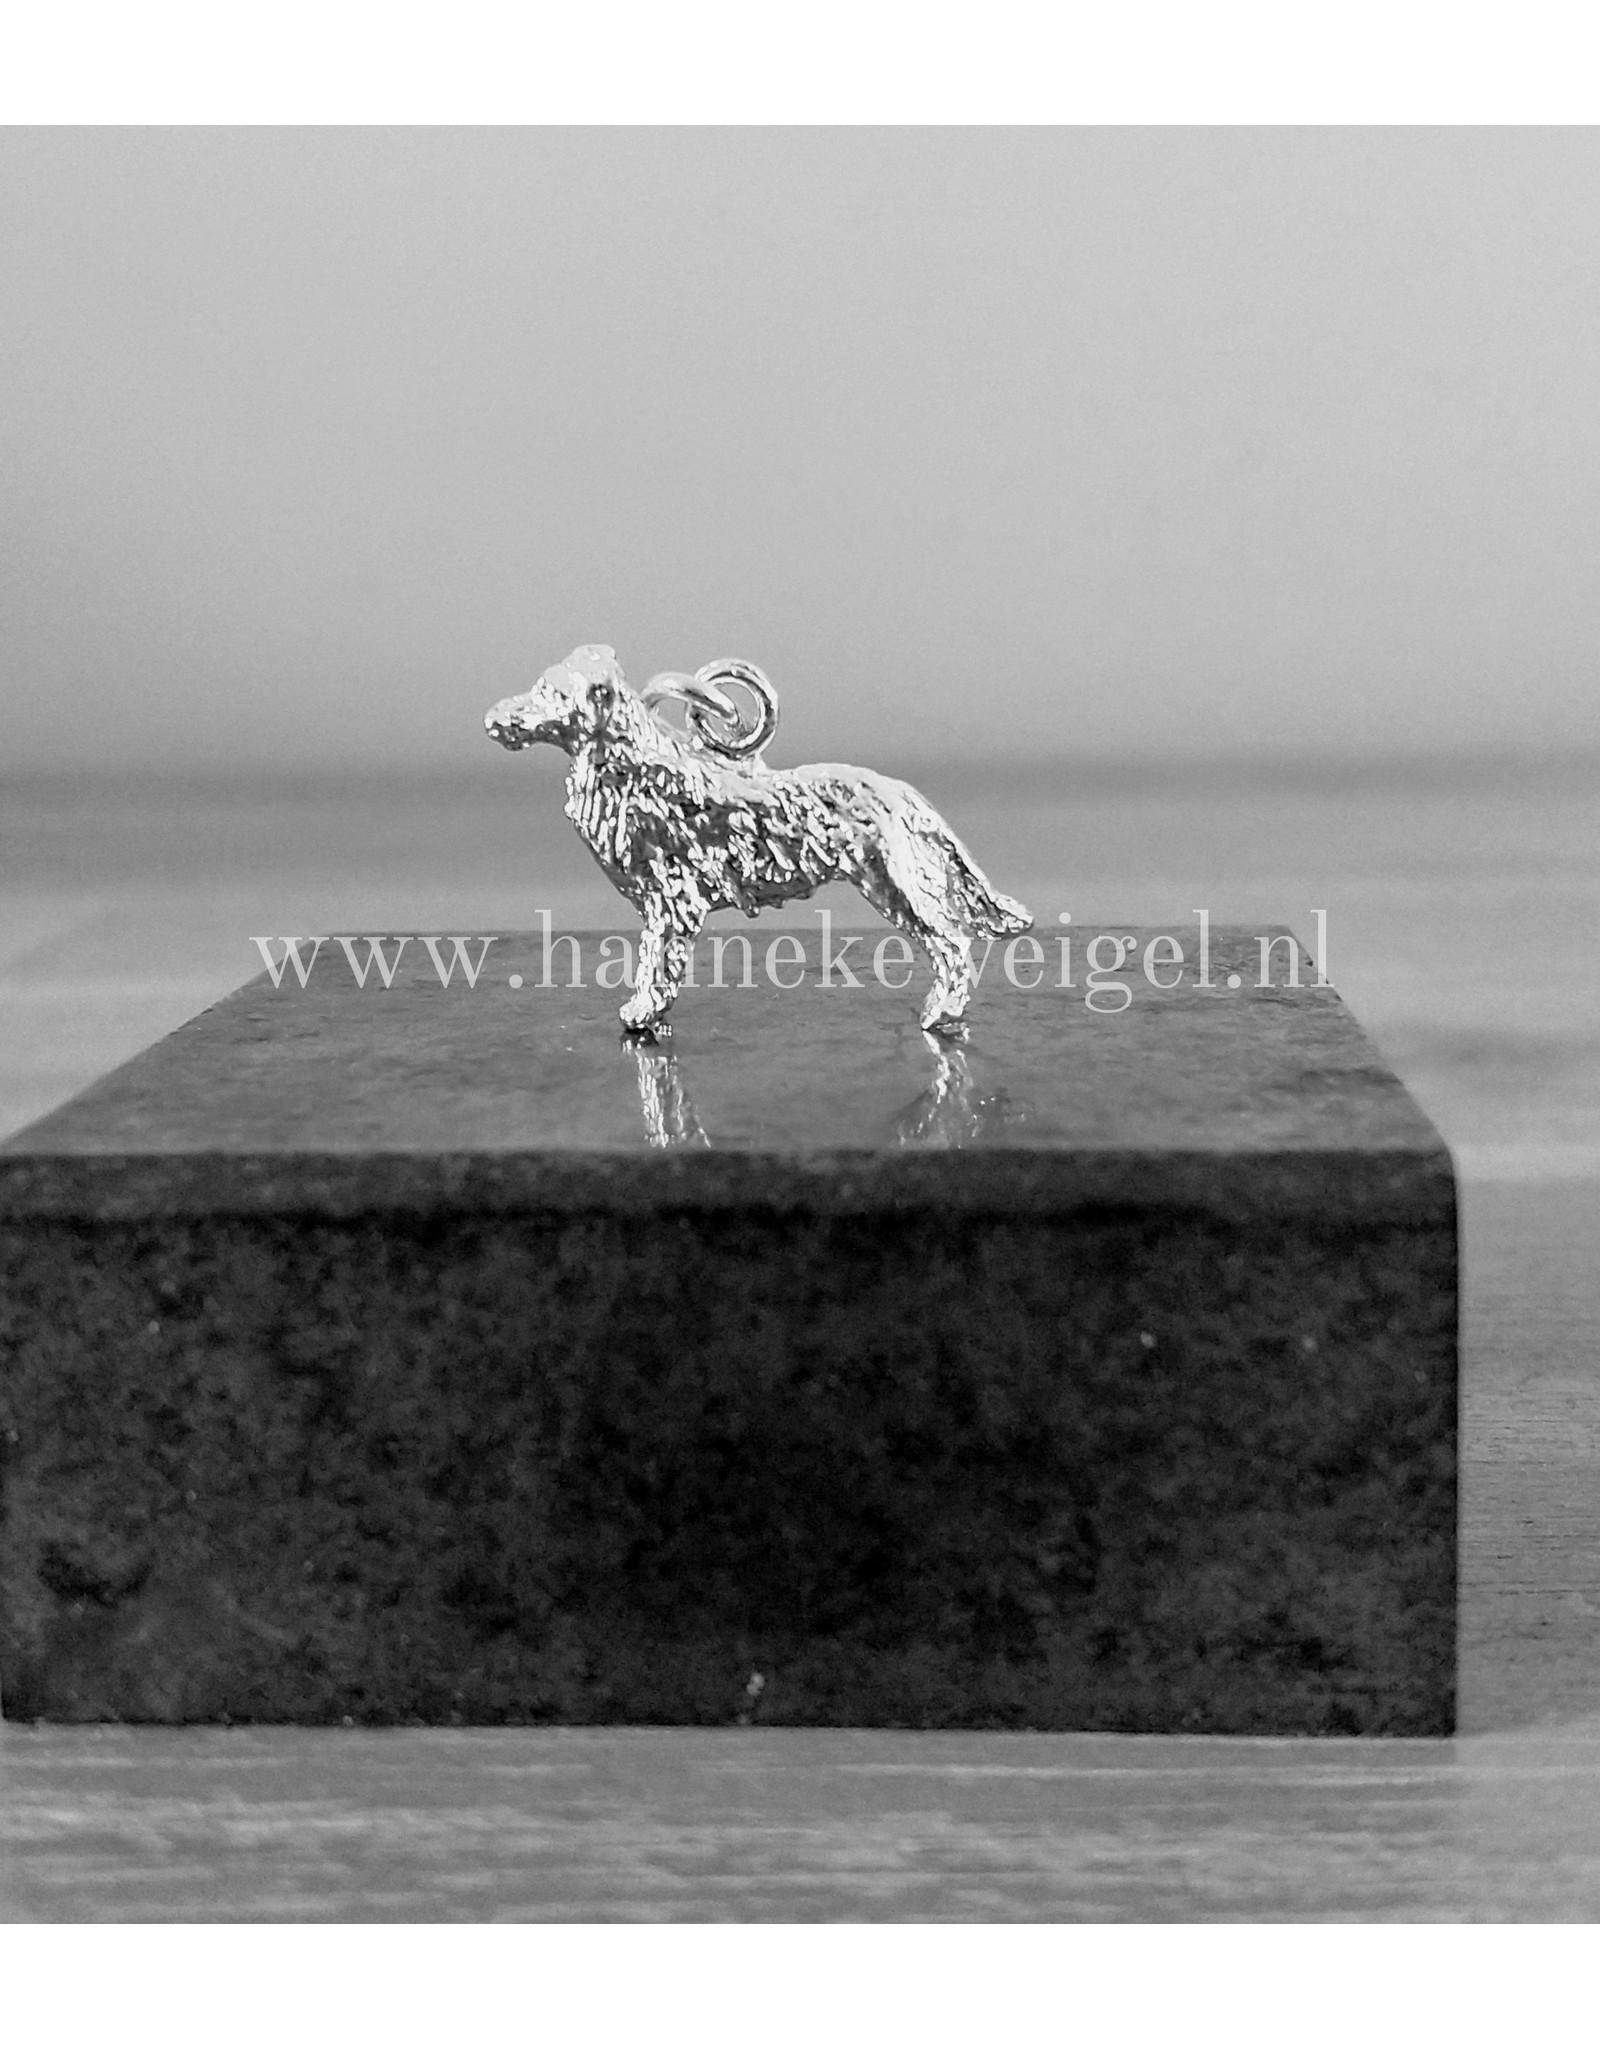 Handmade by Hanneke Weigel Zilveren australische herder